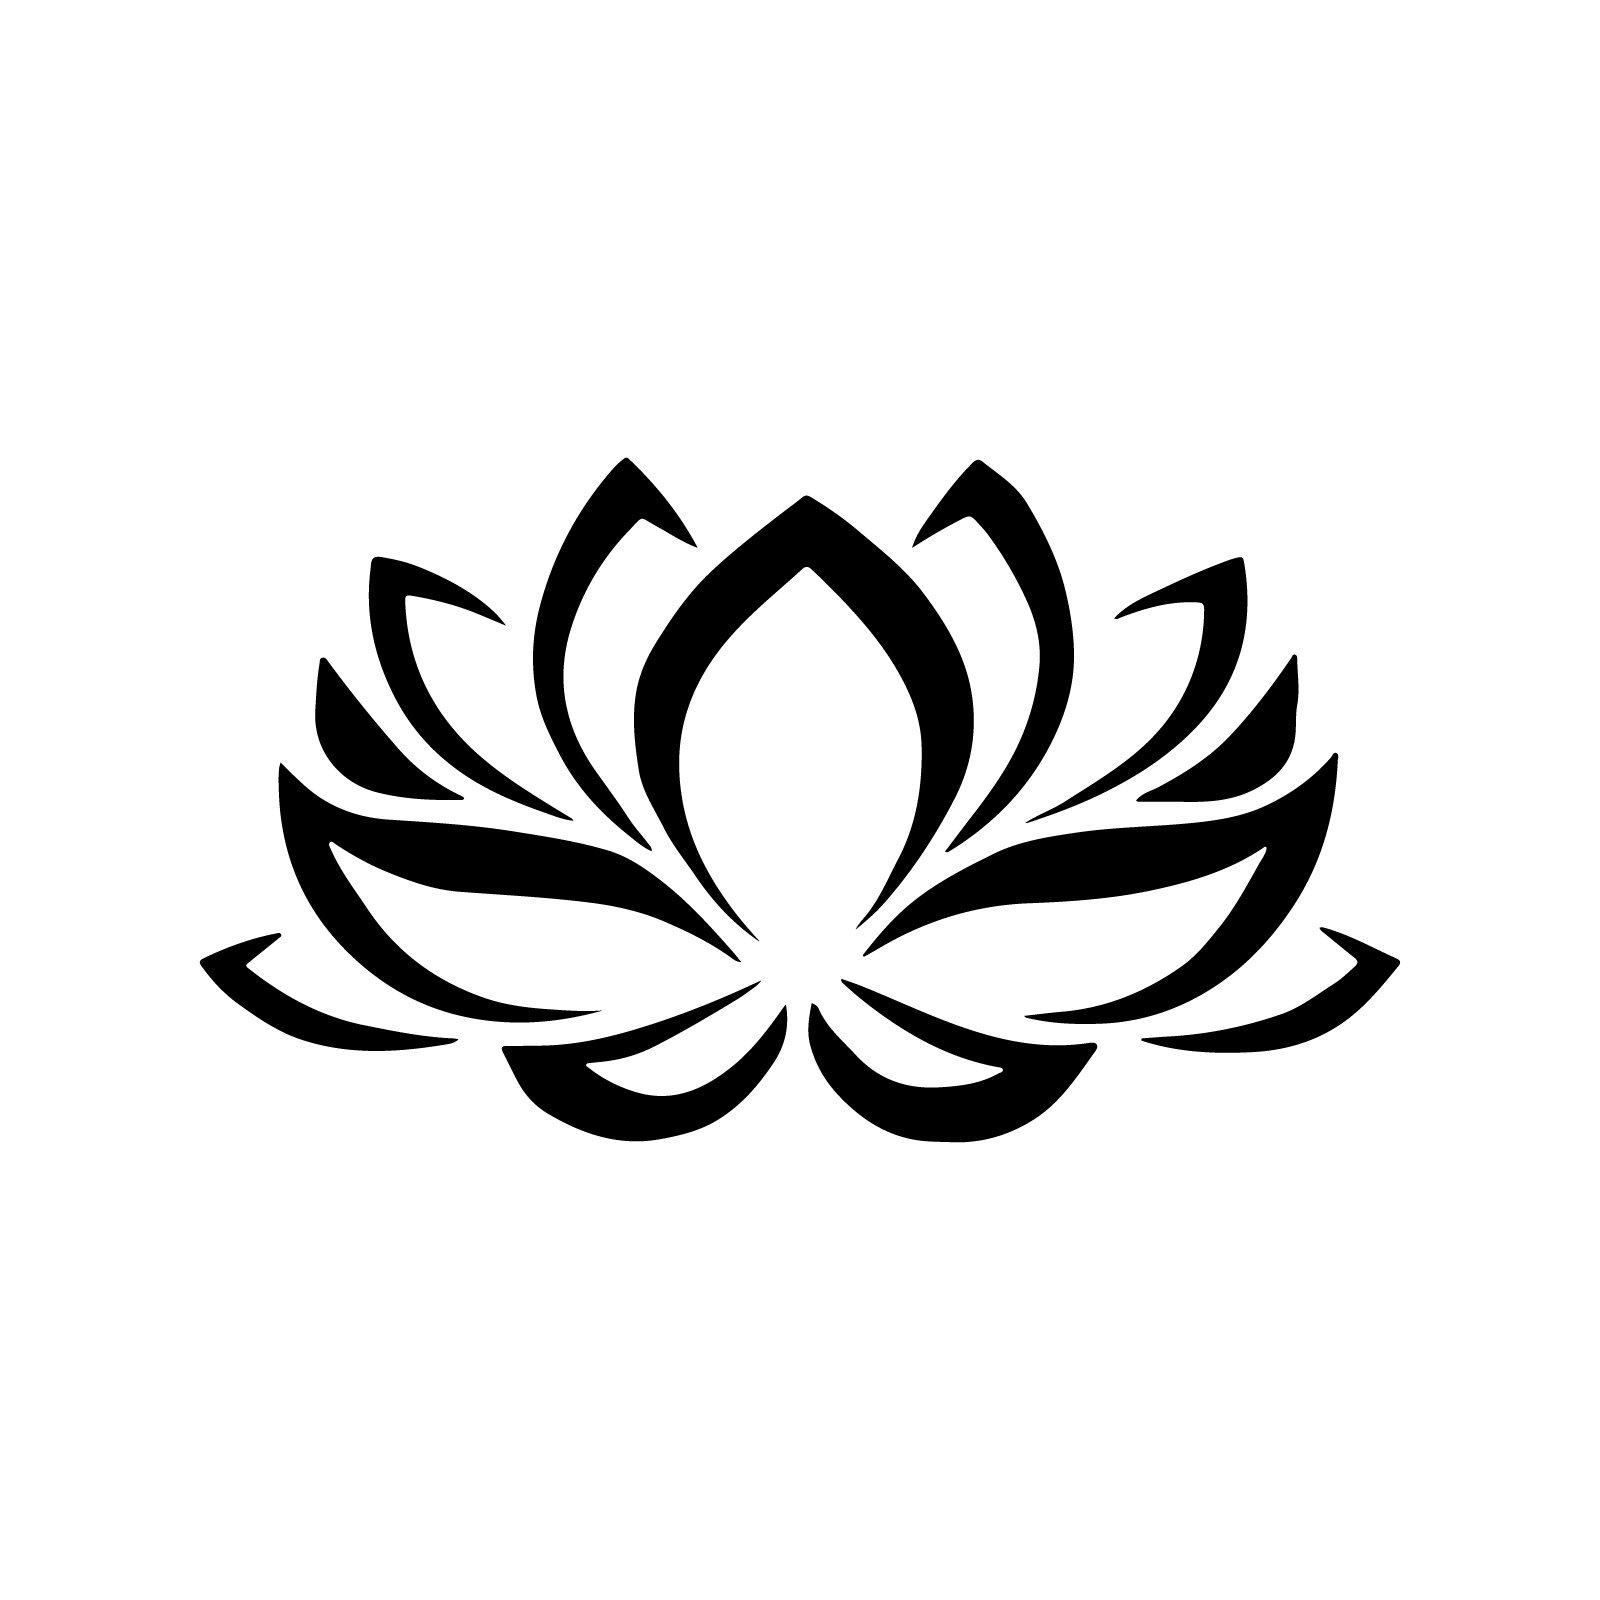 Cheap Flower Stencil Template Find Flower Stencil